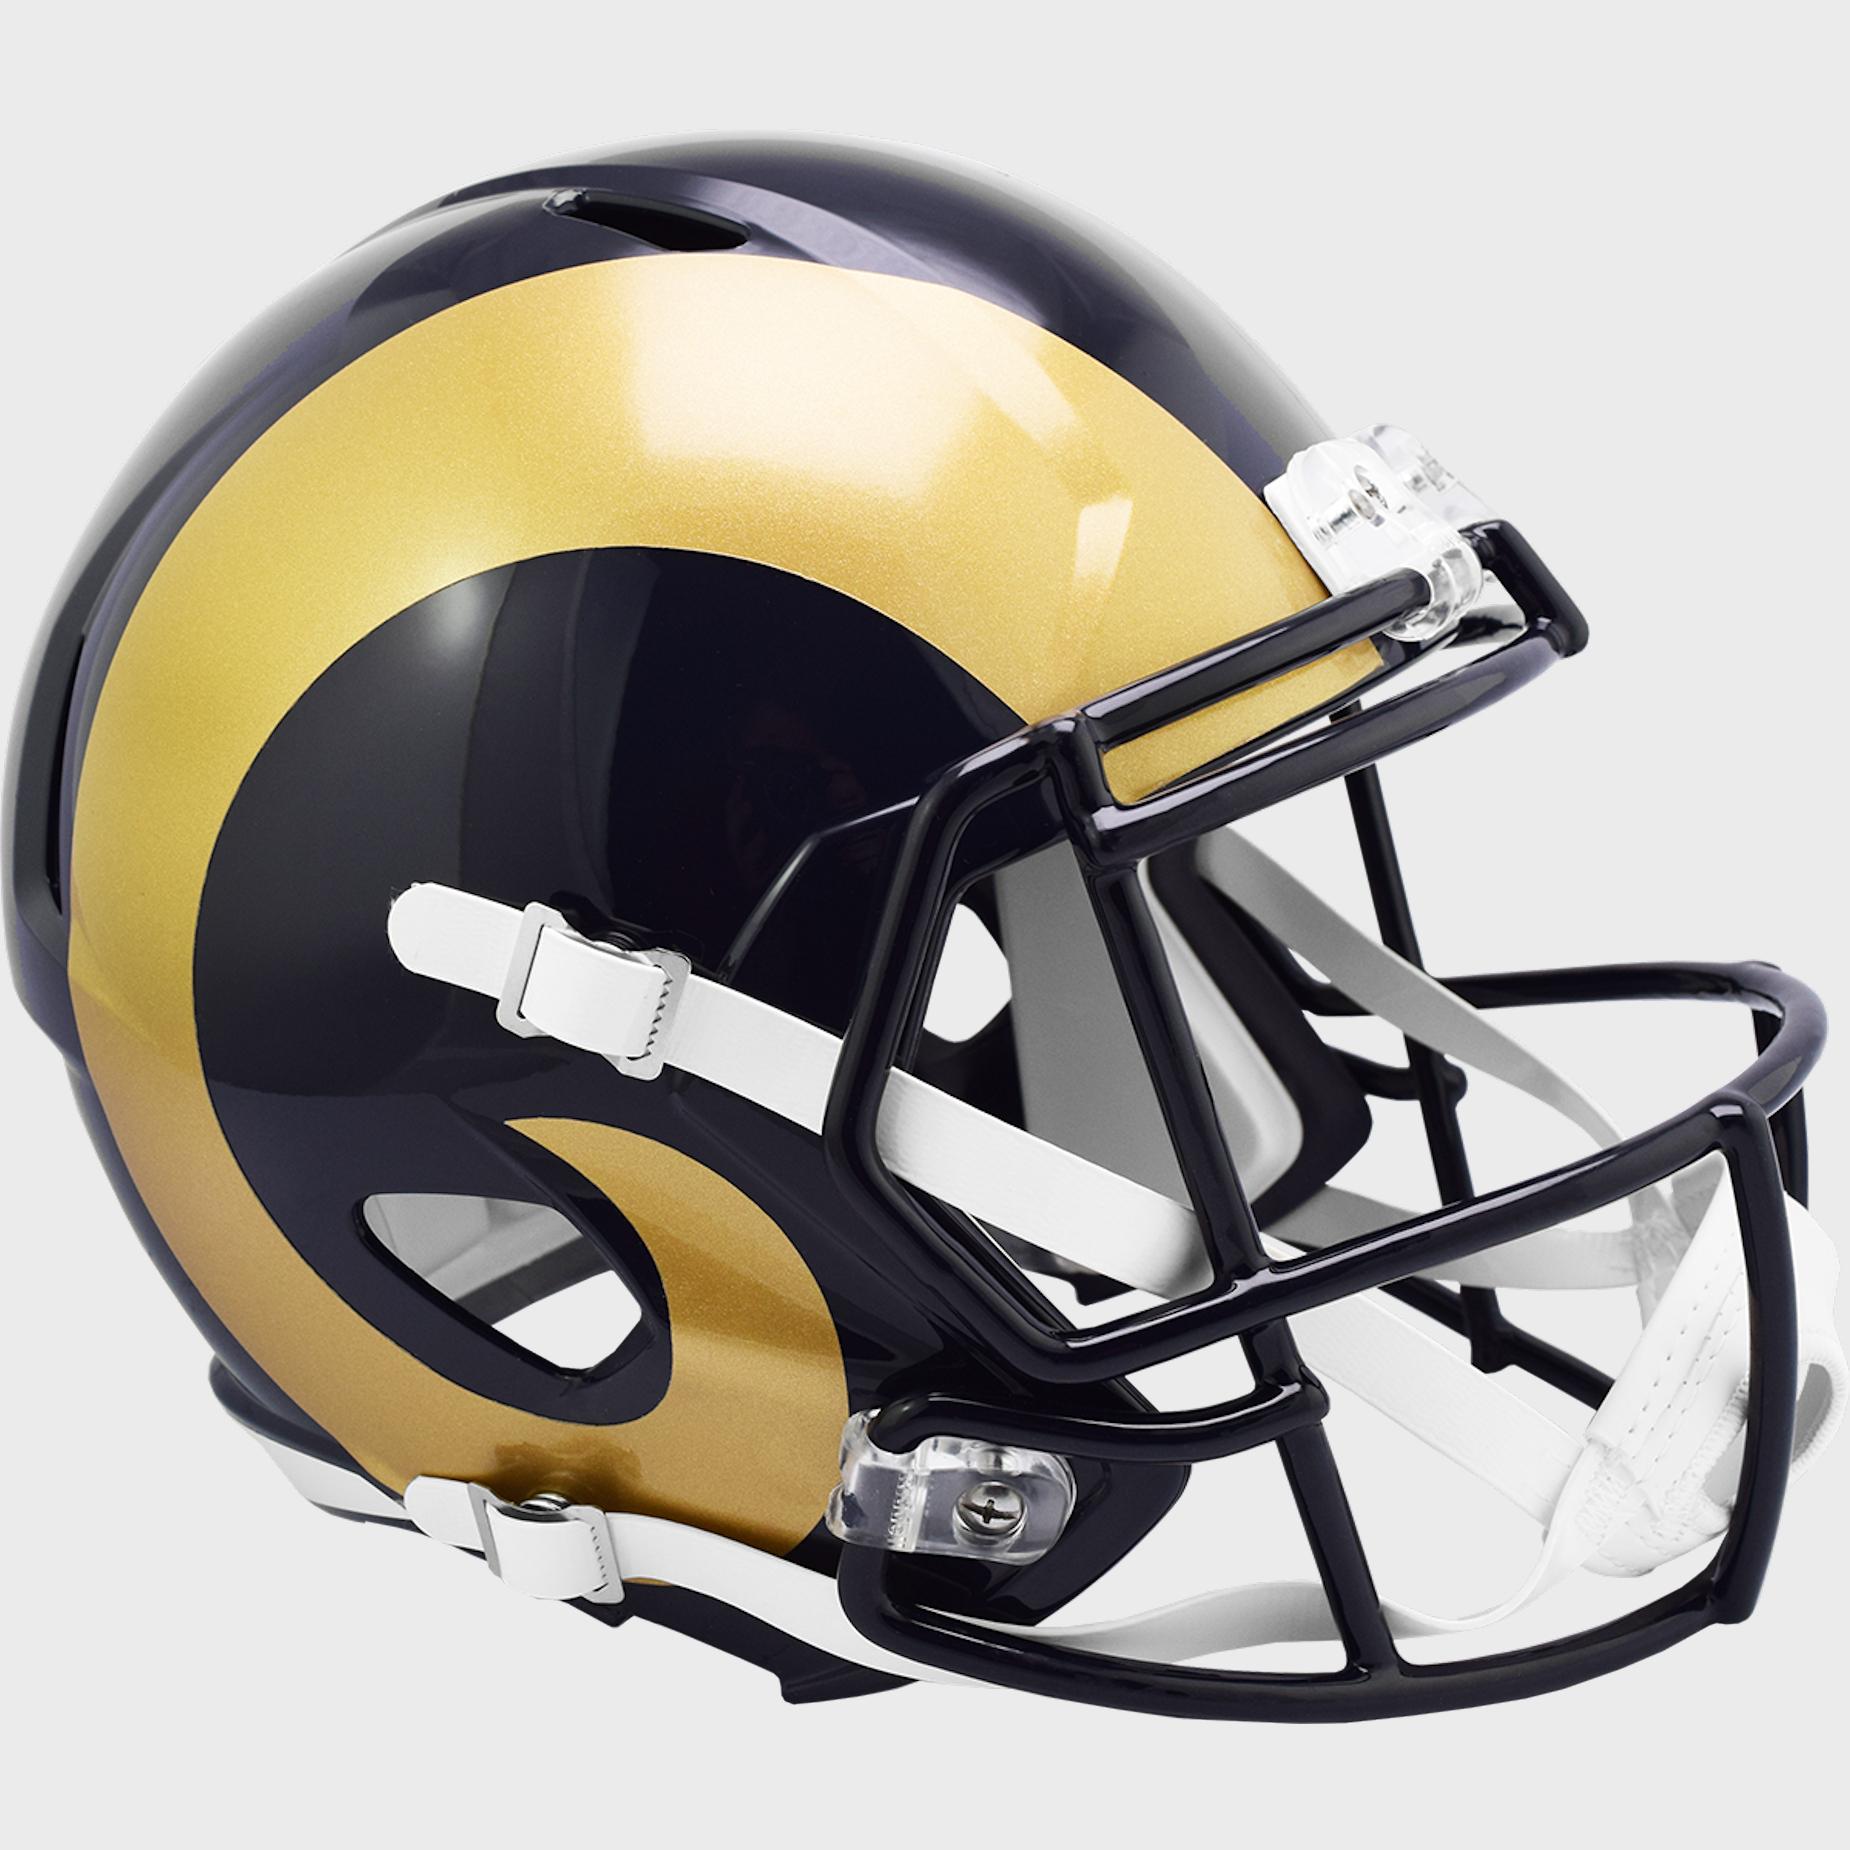 St. Louis Rams 1981 to 1999 Speed Replica Throwback Helmet